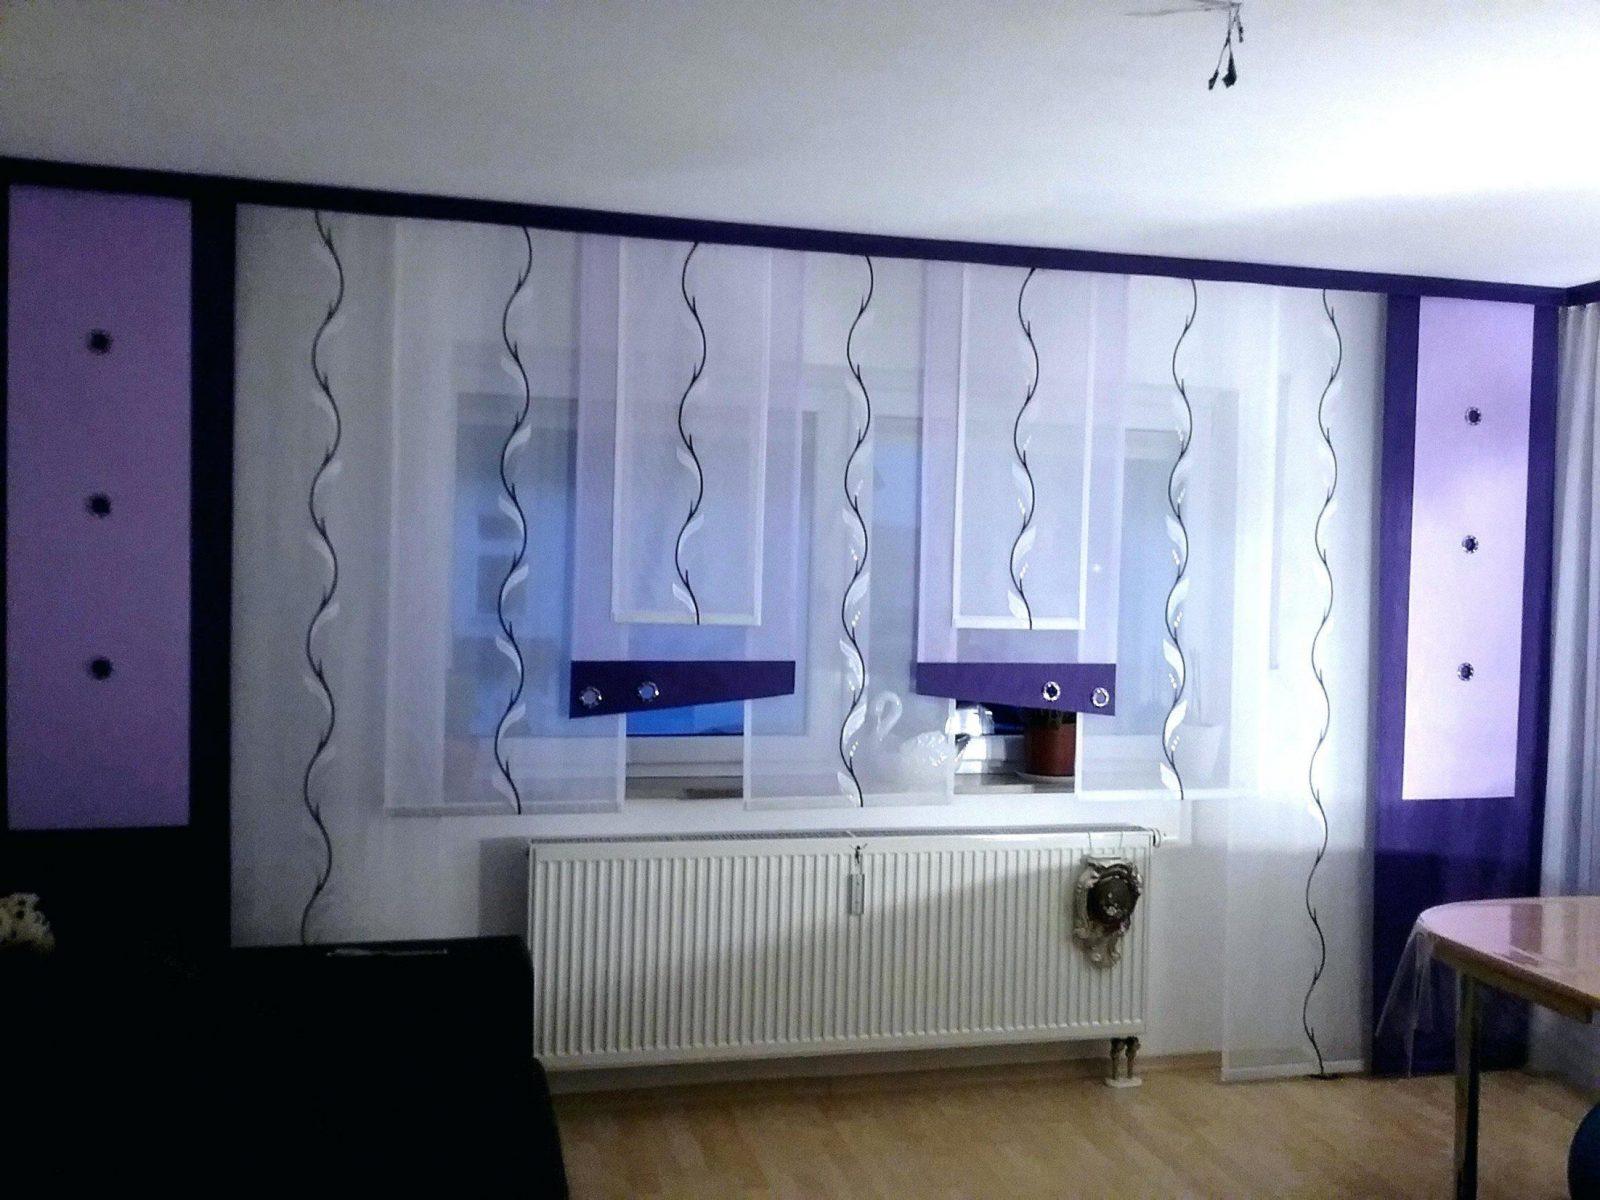 Wohnideen  Coole Wande Für Jugendzimmer Mit Einzigartig Gardinen von Coole Gardinen Für Jugendzimmer Photo